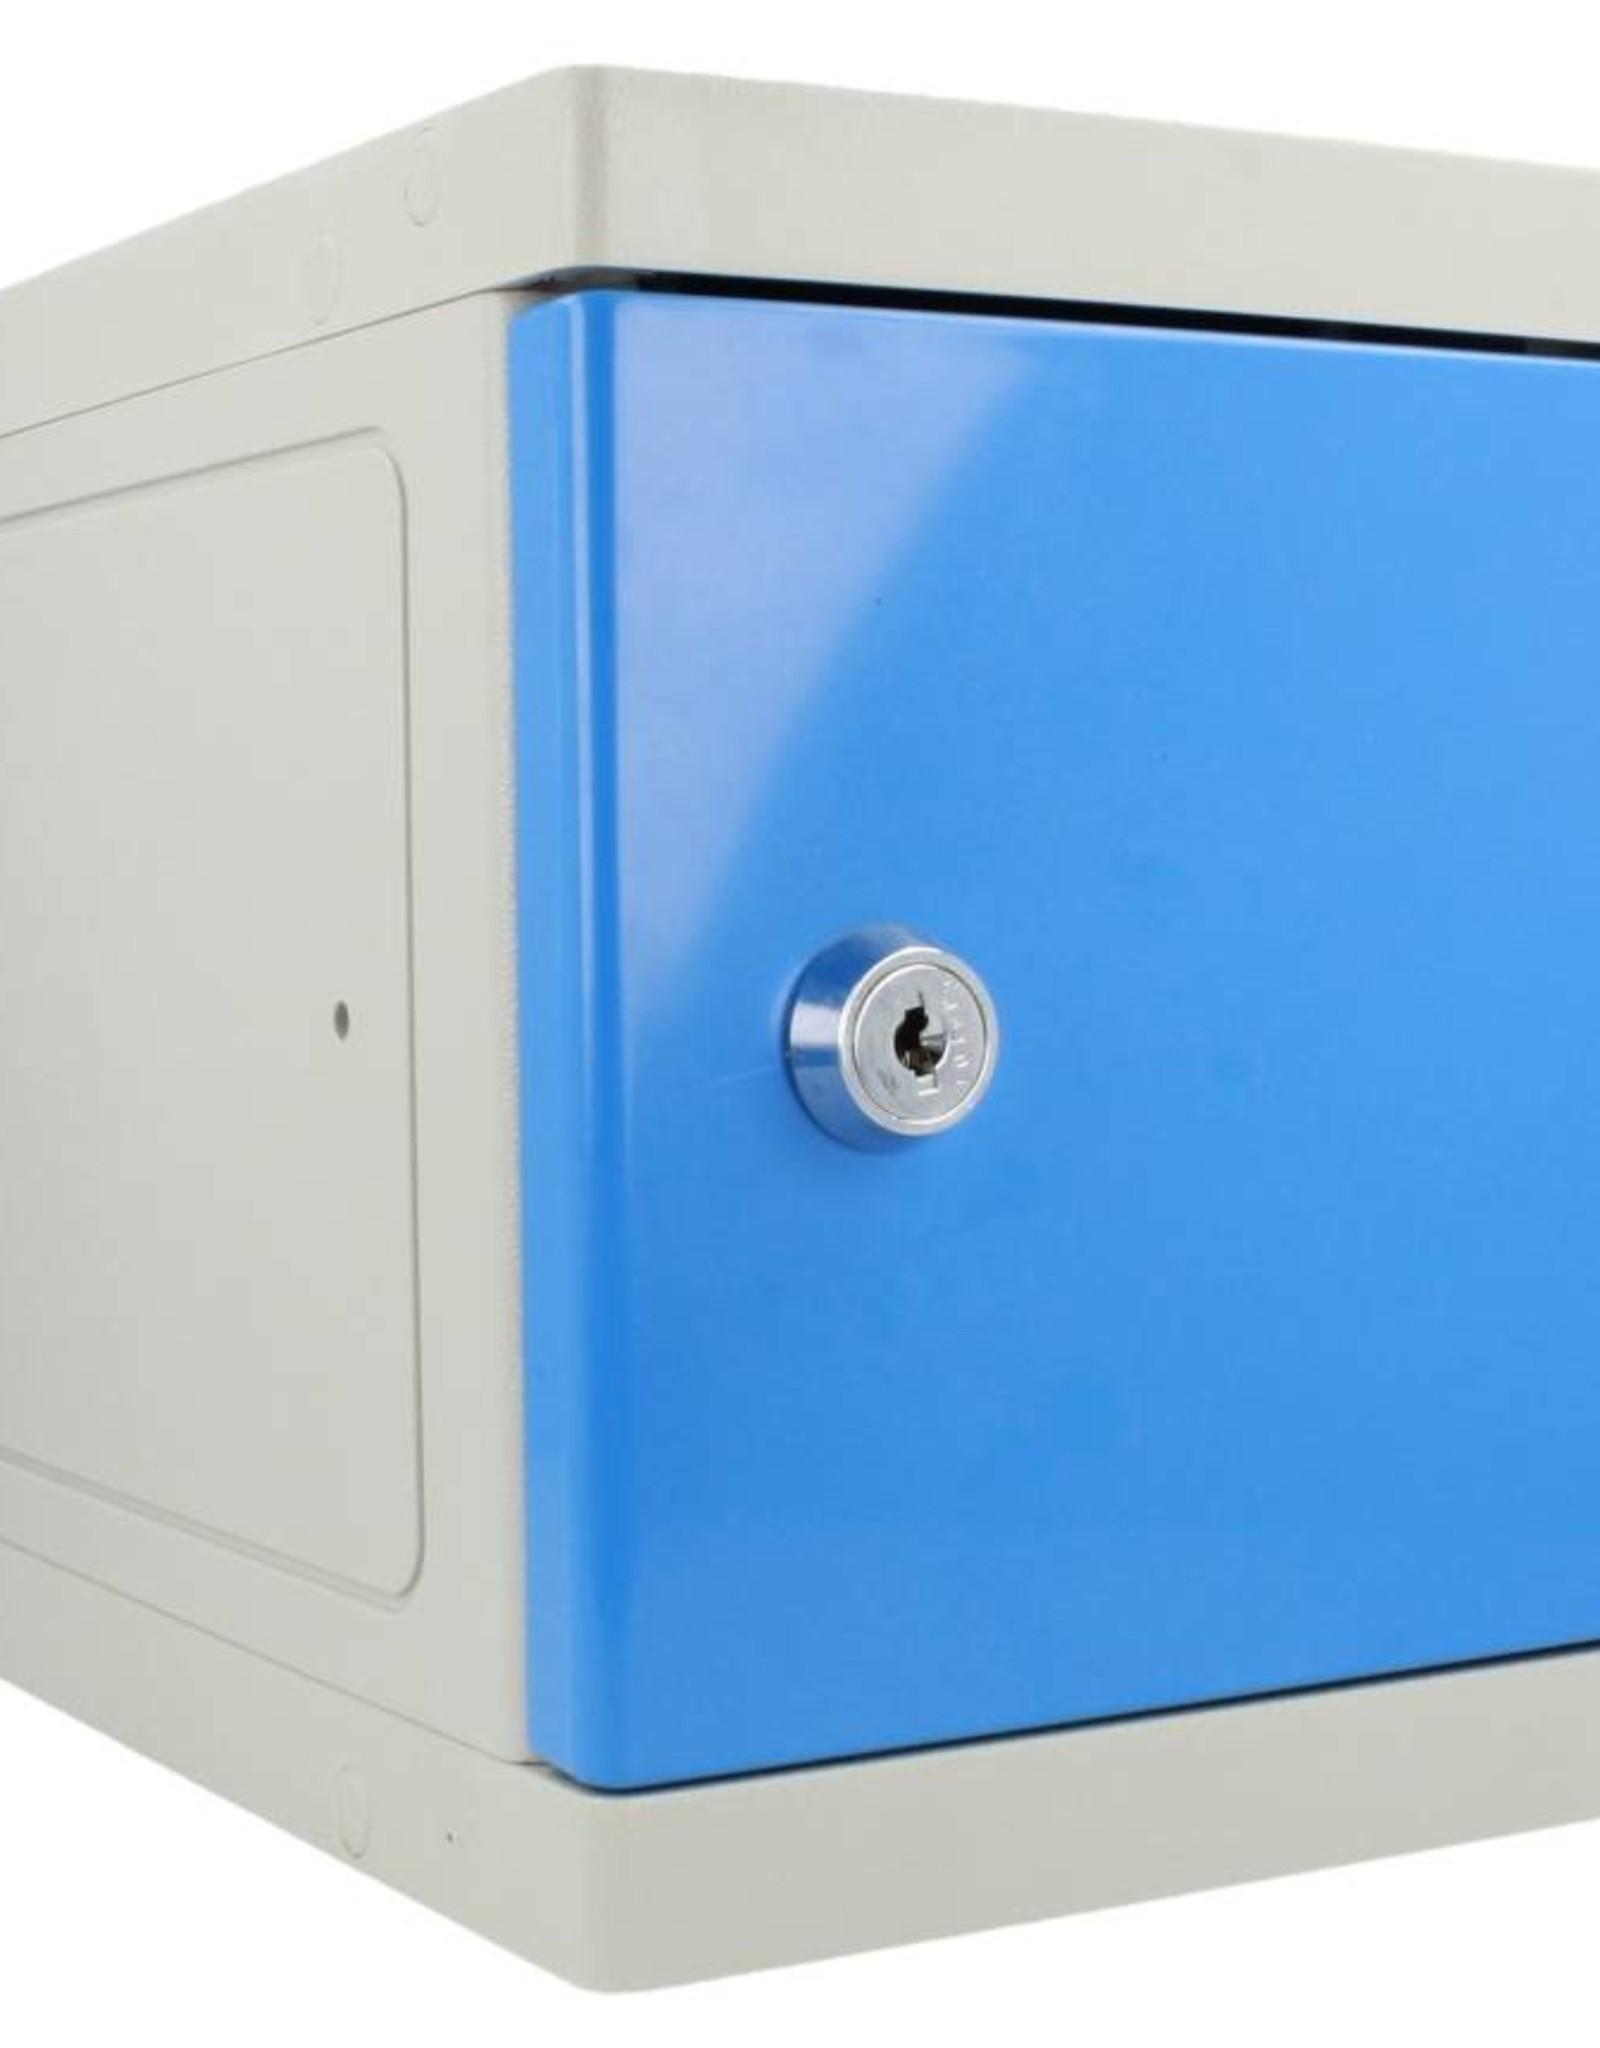 o27 Kunststoff Mini Schliessfach - grau/blau